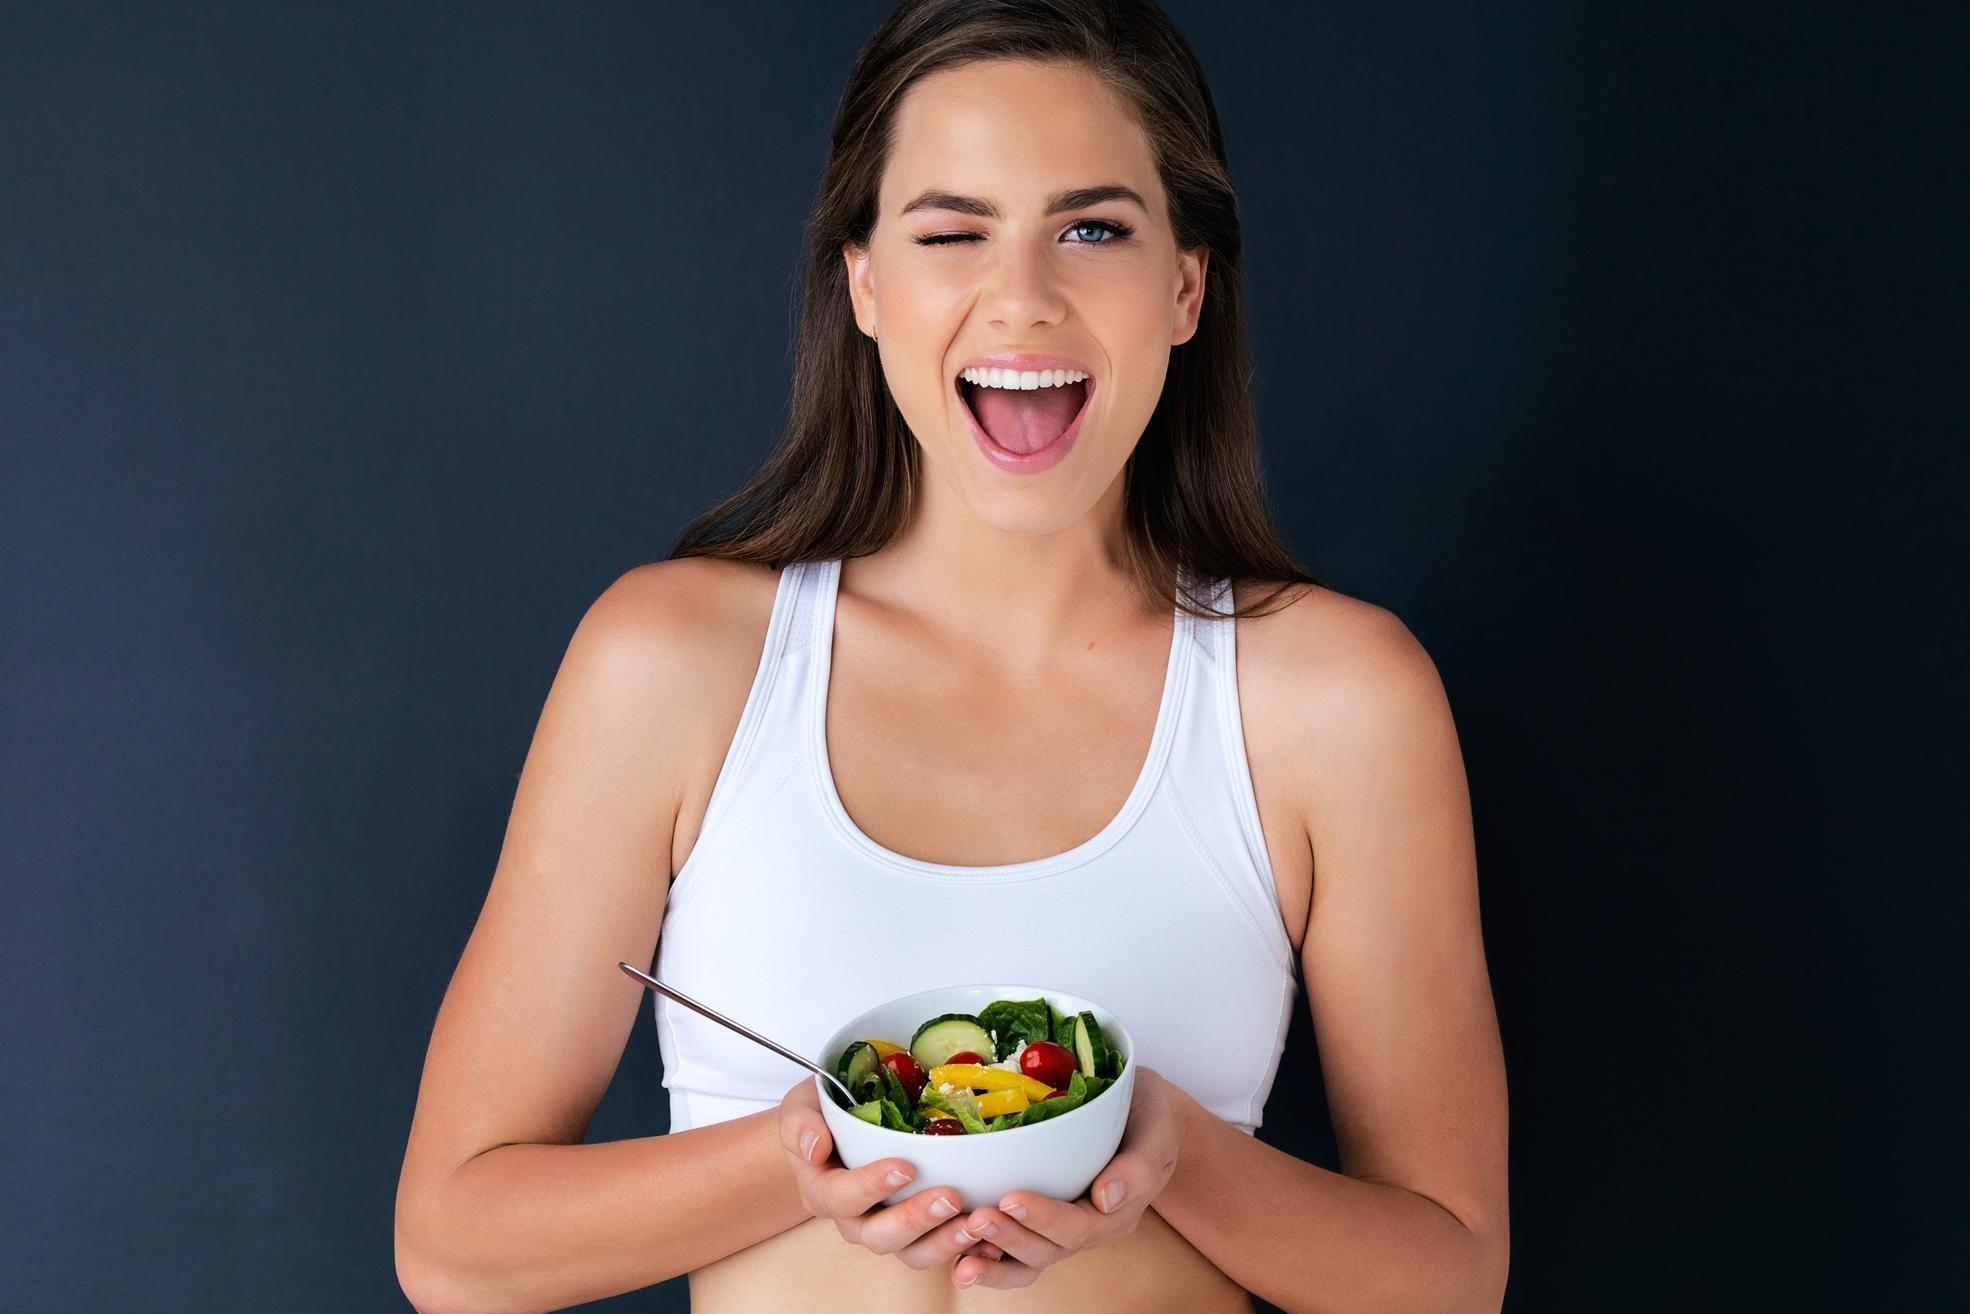 faire du sport après manger